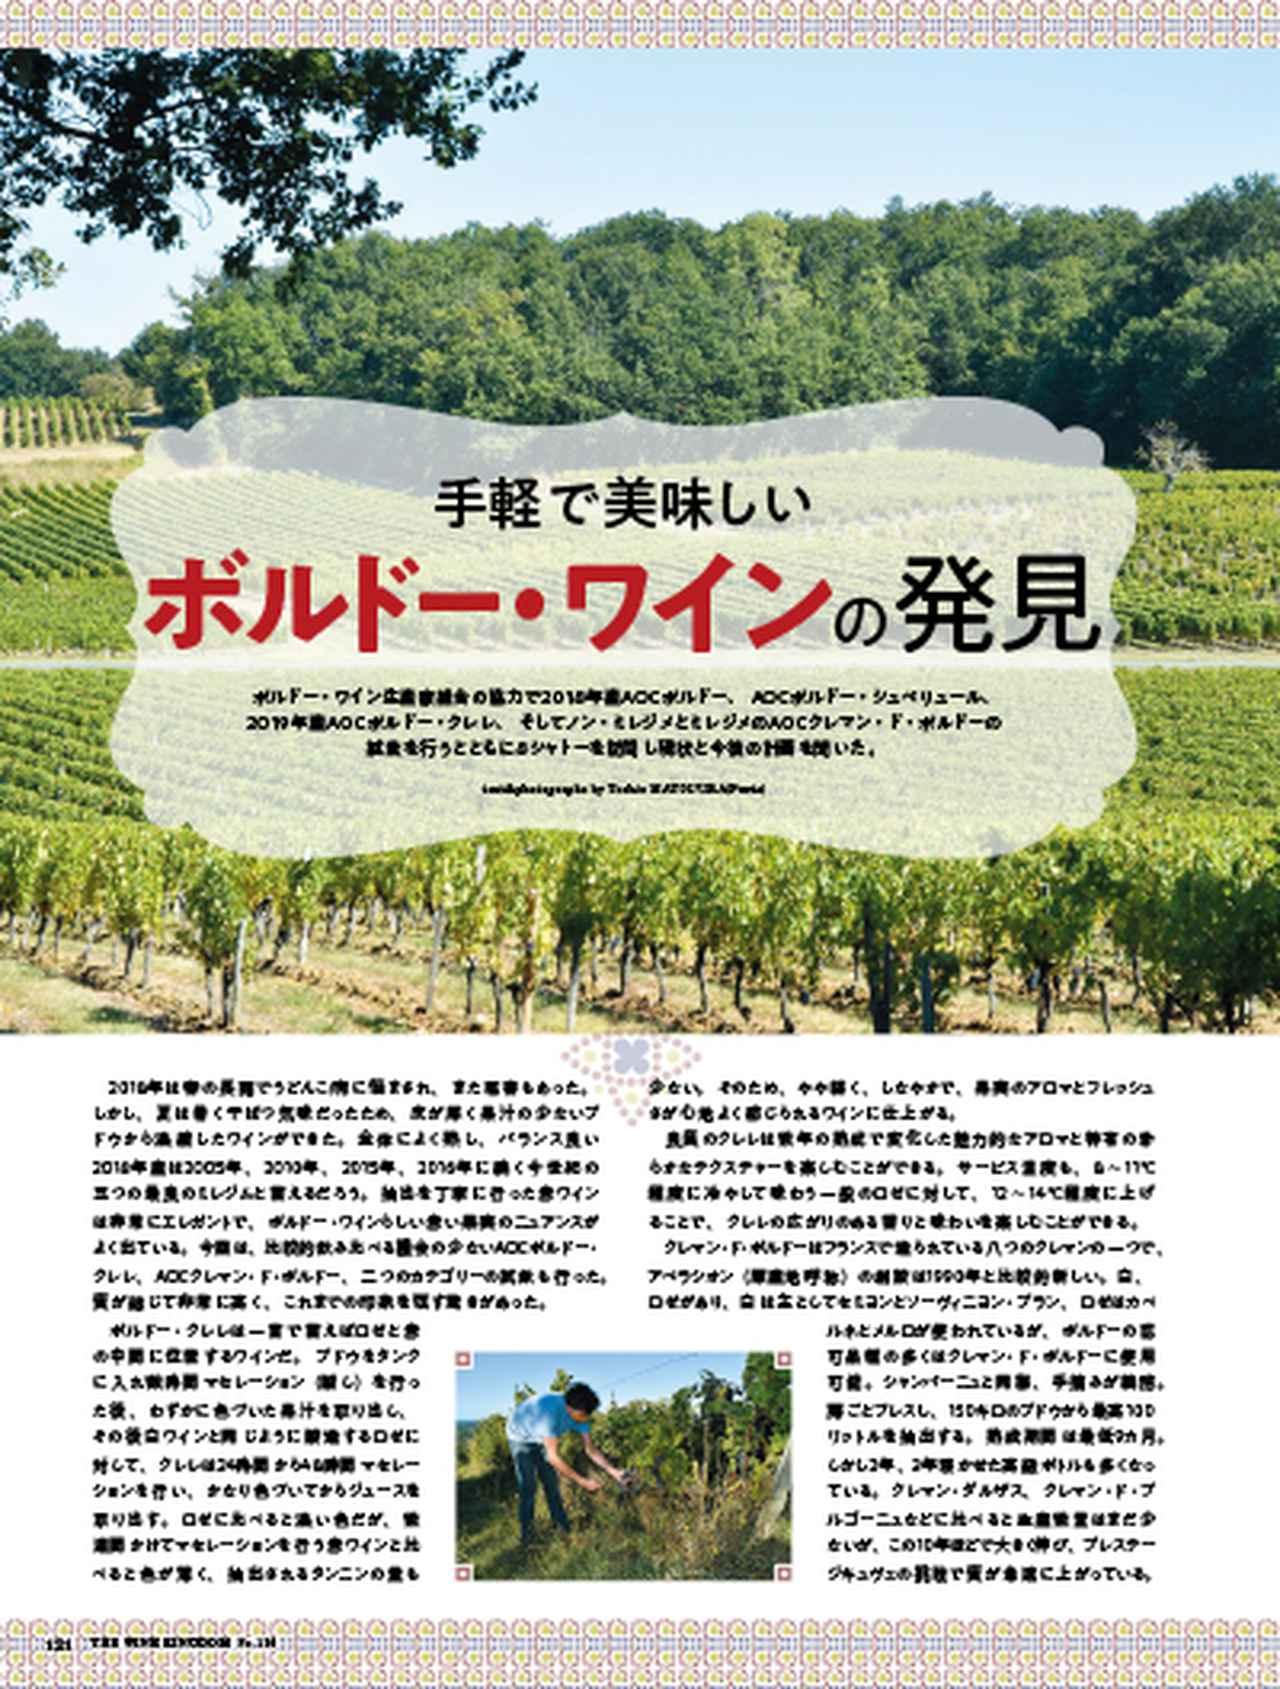 画像3: 『ワイン王国 120号』いつか行きたいシャンパーニュへの旅/現地取材 魅惑のシャンパーニュメゾン/新年はおせちとワイン!/お取り寄せグルメ決定版